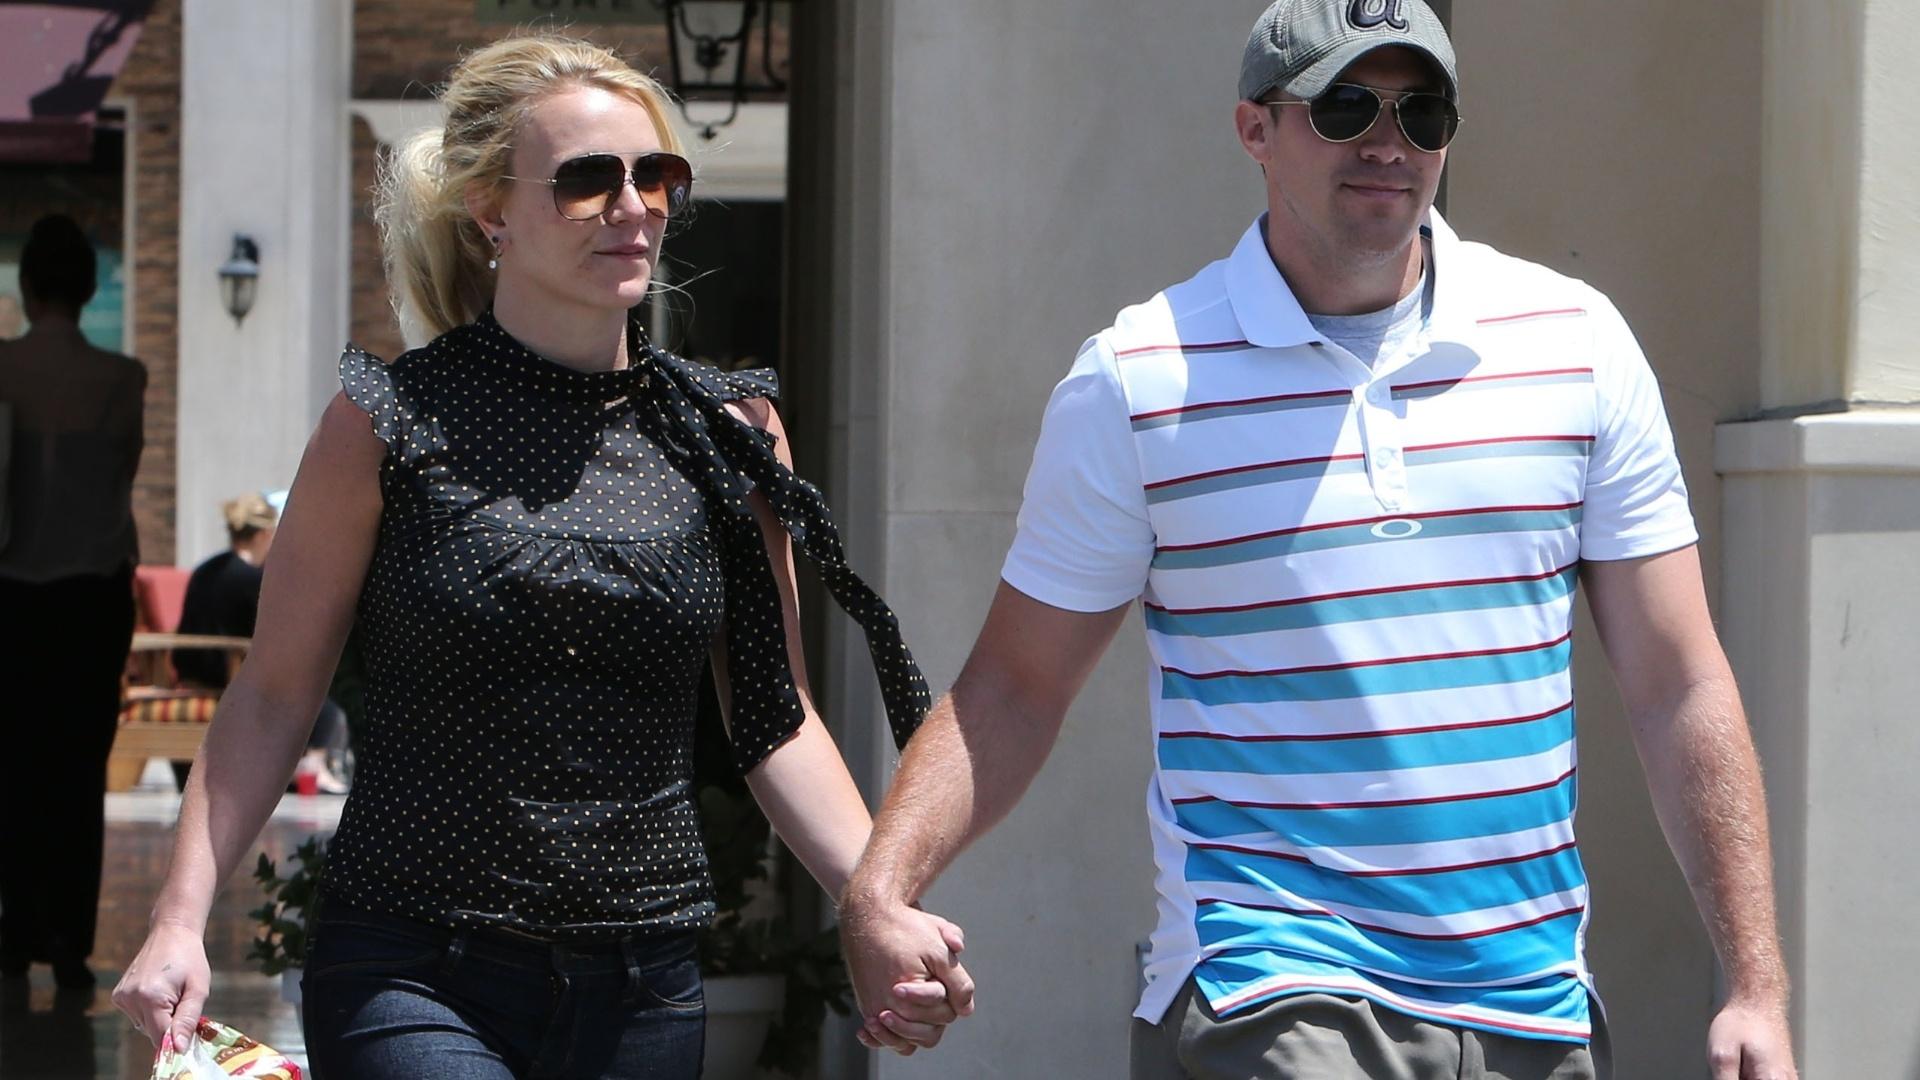 8.mai.2013 - Britney Spears caminha de mãos dadas com o namorado David Lucado após fazer compras em um supermercado